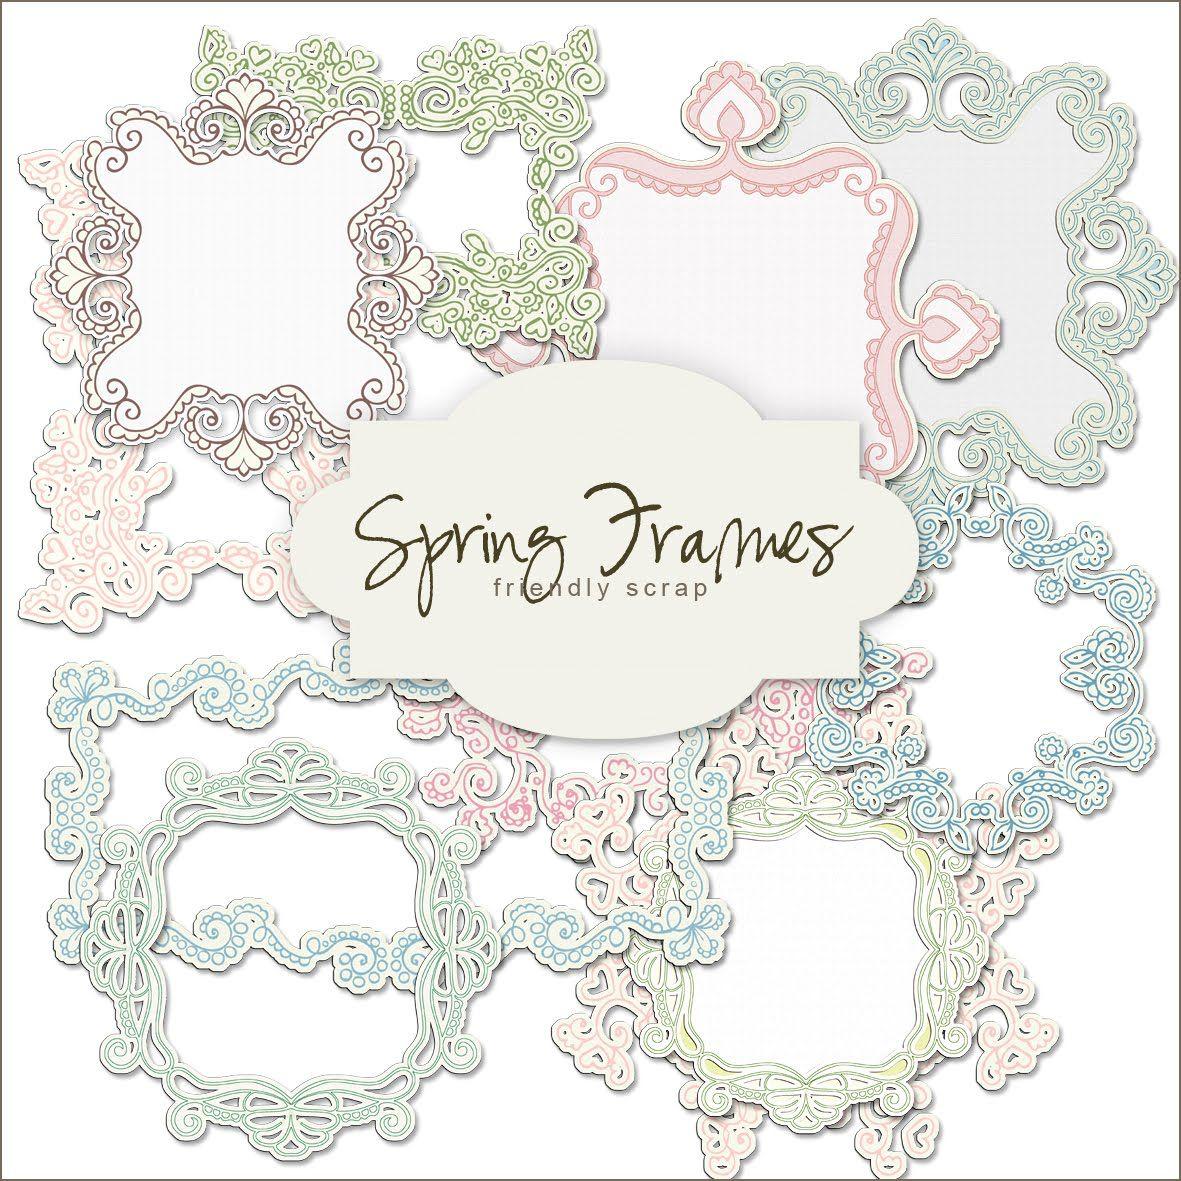 Friendly Scrap: Free Scrap Frame | Printable Frames | Scrapbook - Free Printable Frames For Scrapbooking